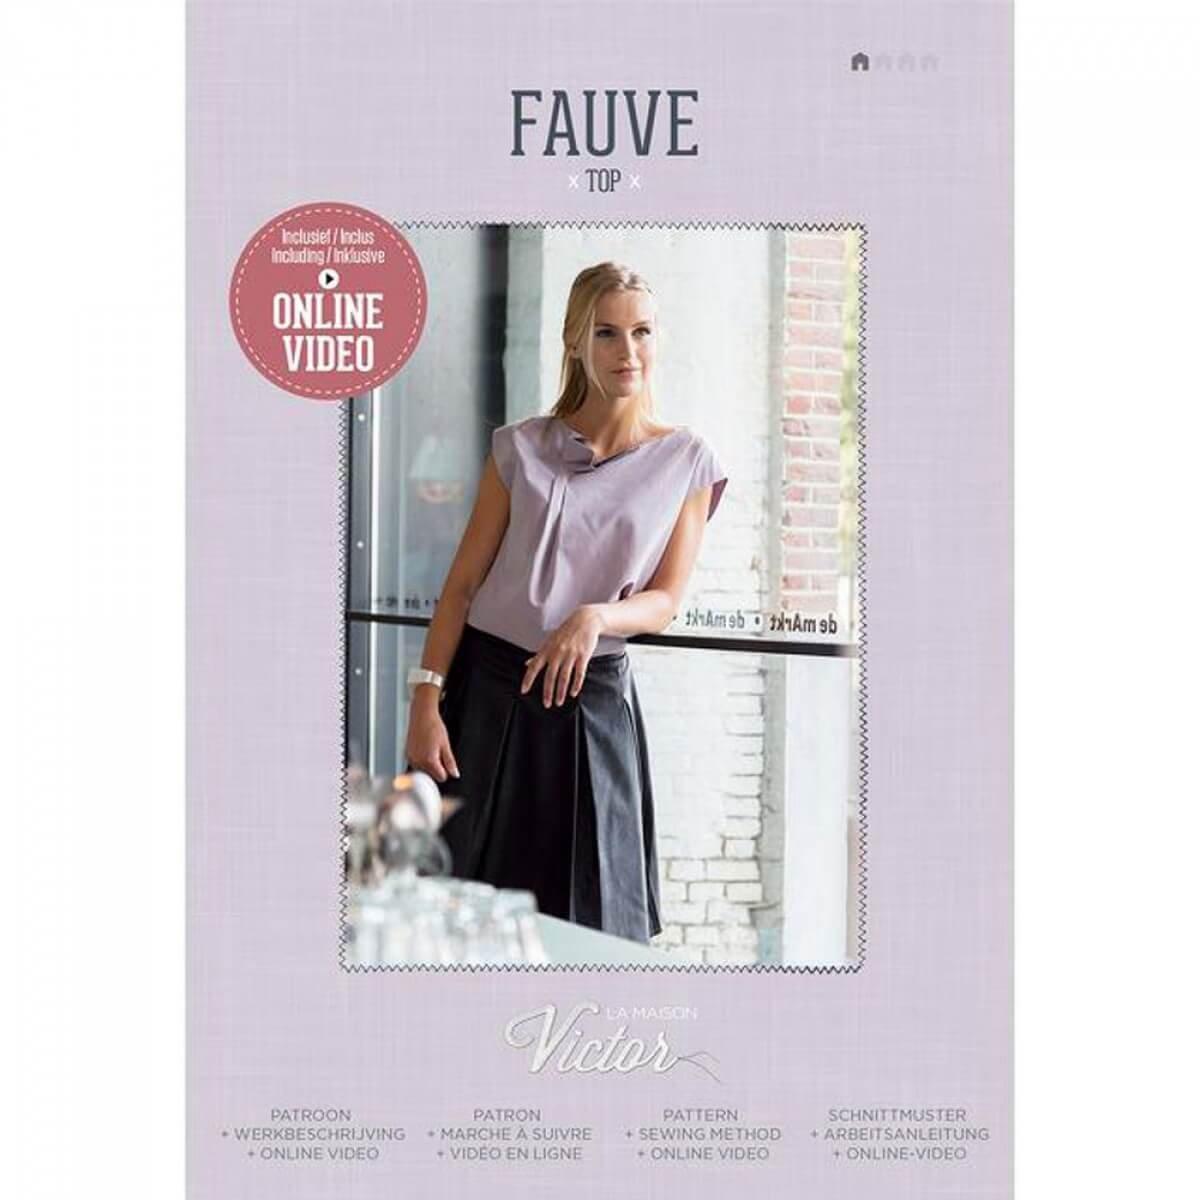 Patron top femme - Fauve de la Maison Victor  Amazon.fr  Cuisine   Maison 2db19d7189c